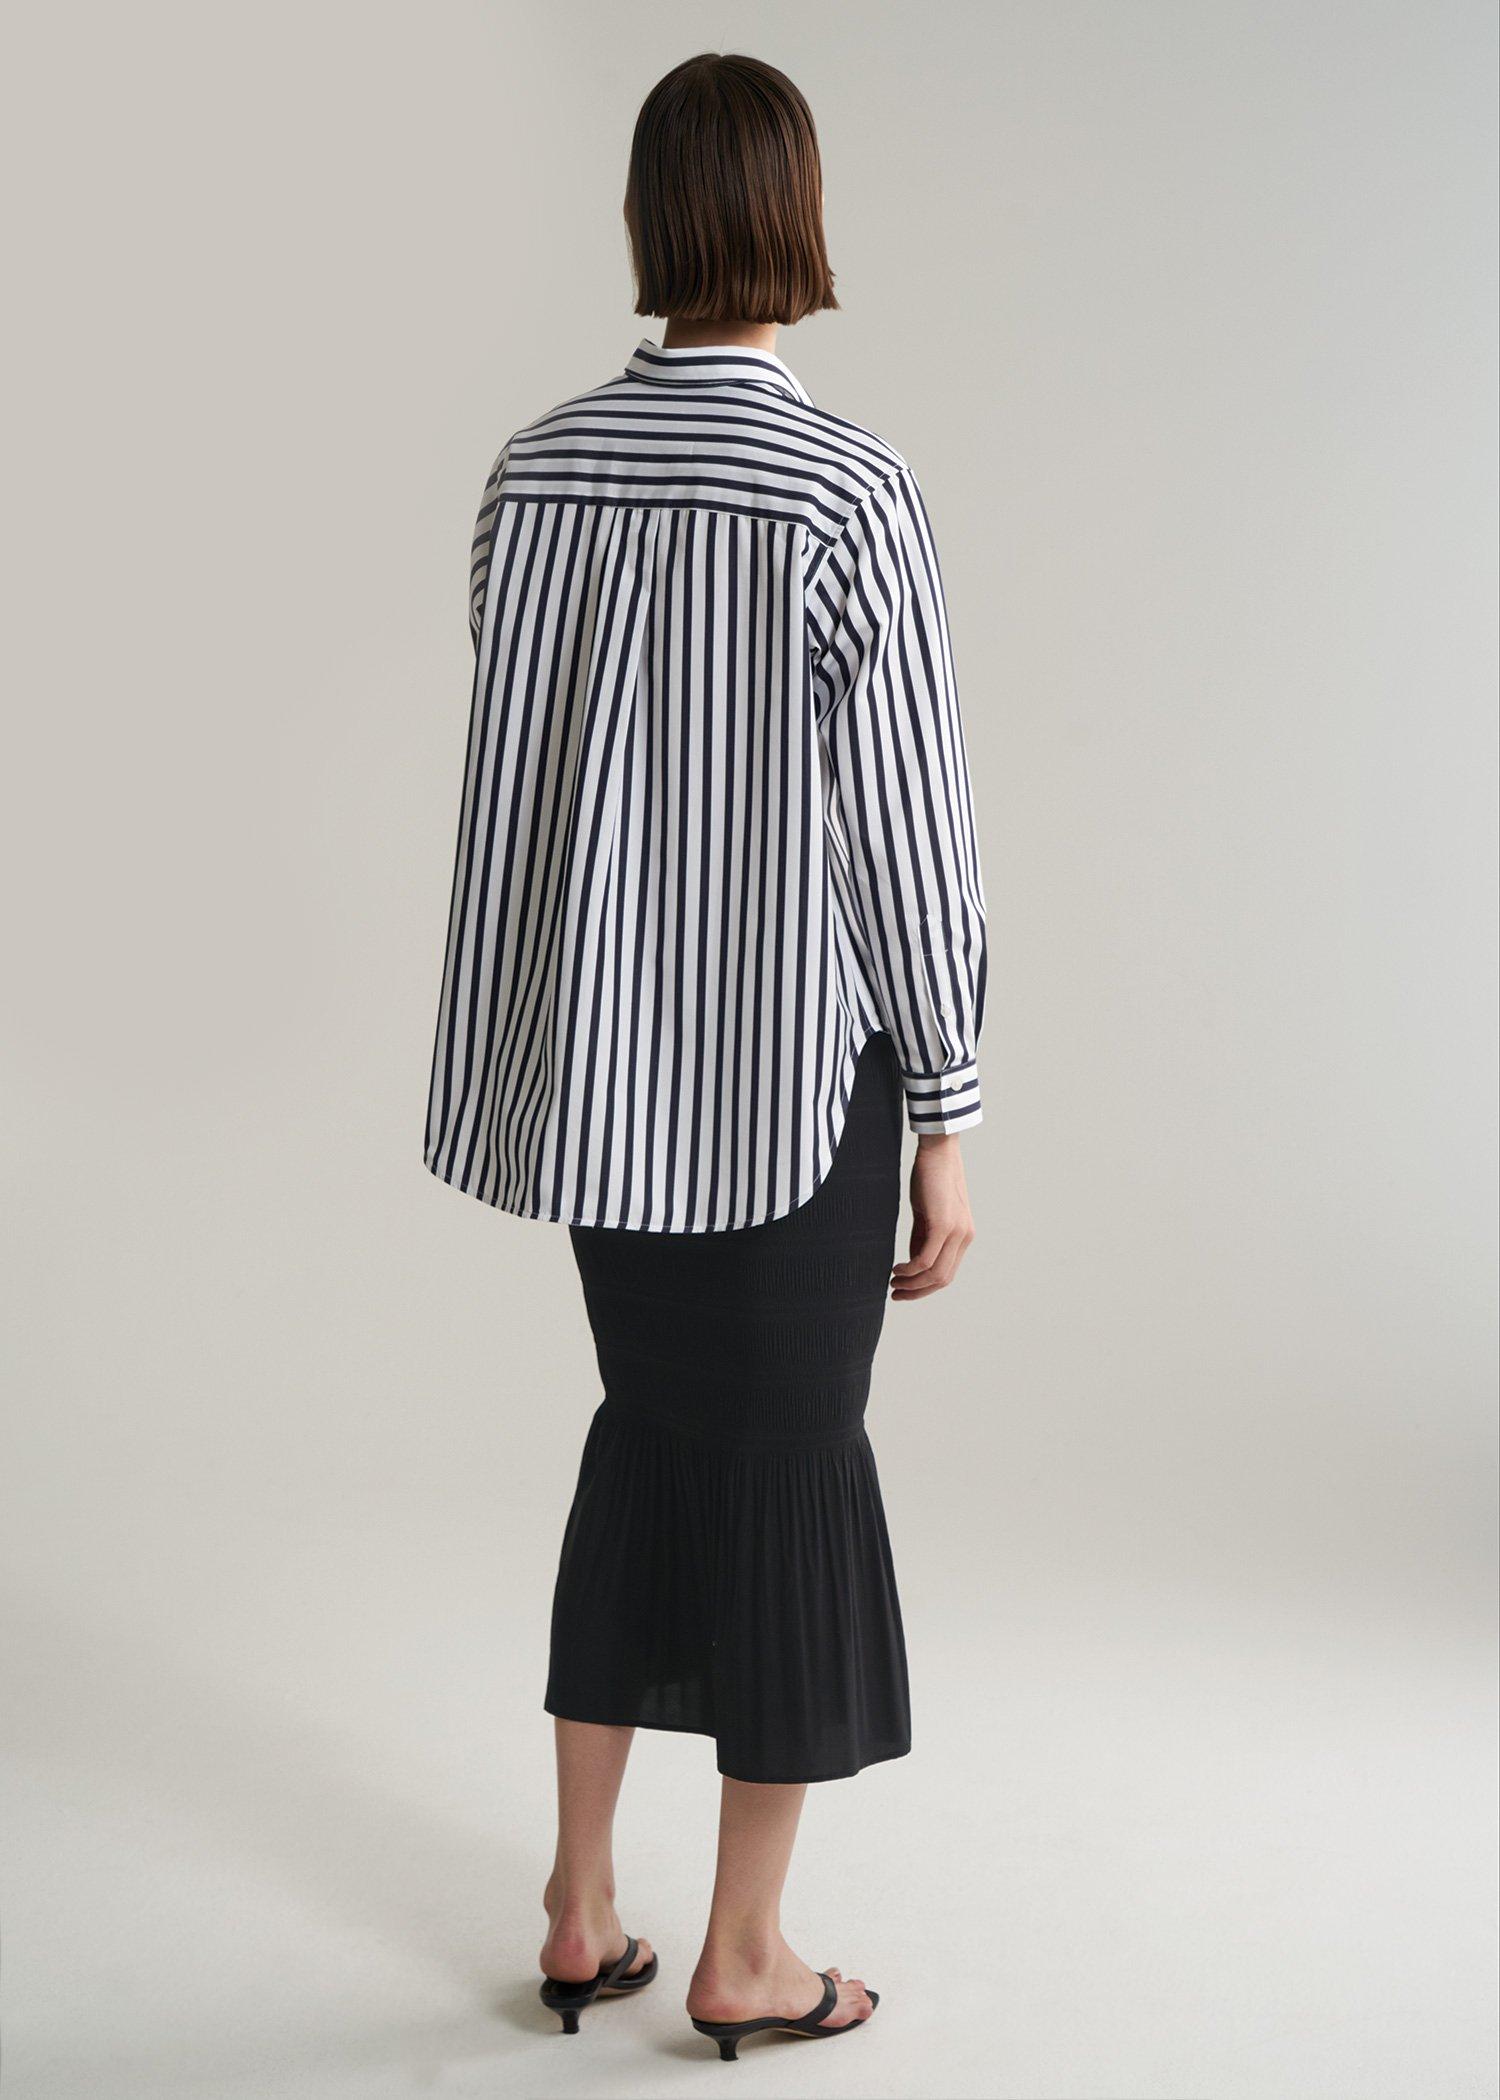 toteme_pf19_capri_stripe_back-1.jpg